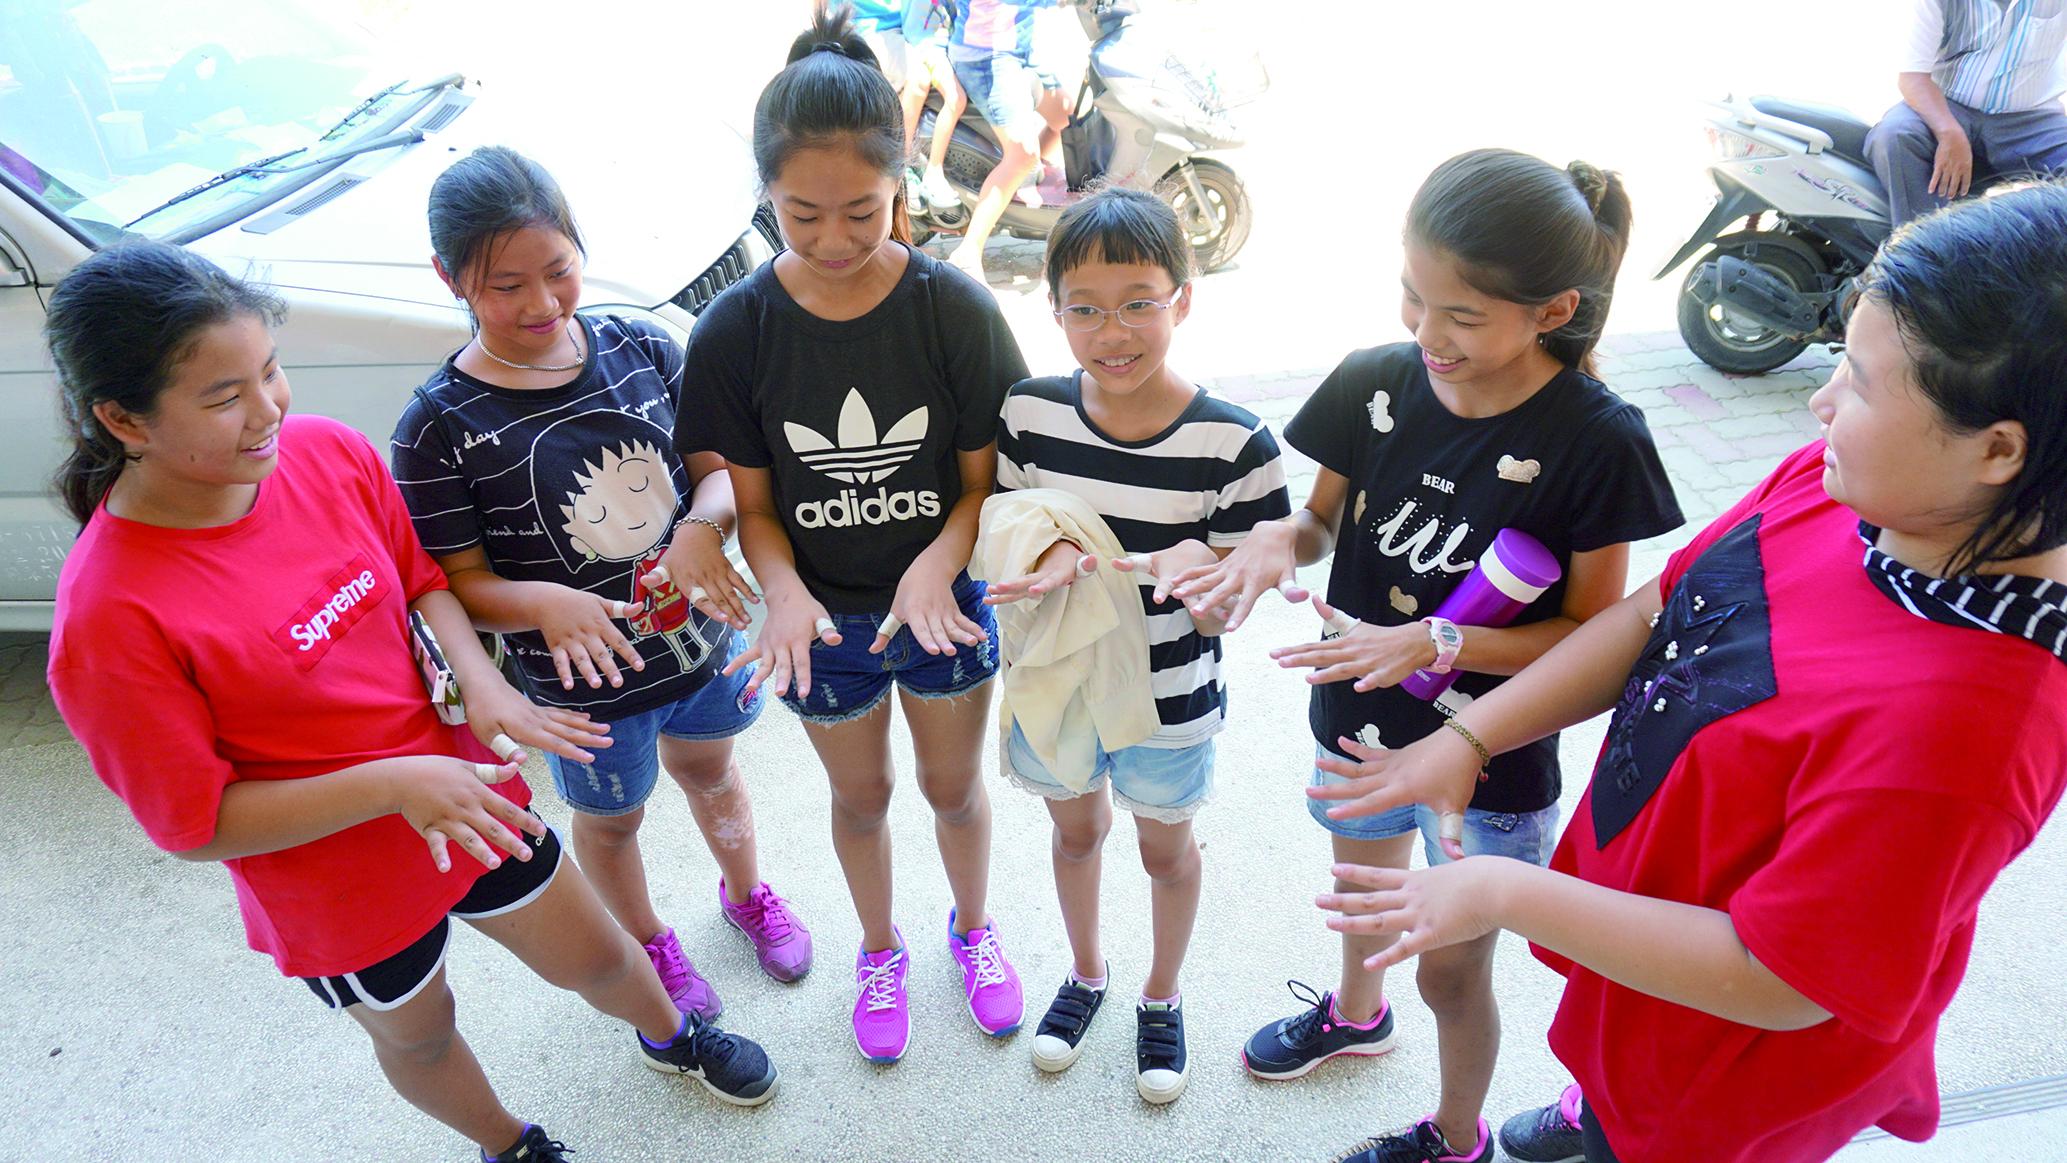 圖7吳登興表示,練習用的獅頭挺重,他會買膠布保護這些孩子。這些學生私下抱怨吳登興很兇,其實他也有著鐵漢柔情。.JPG